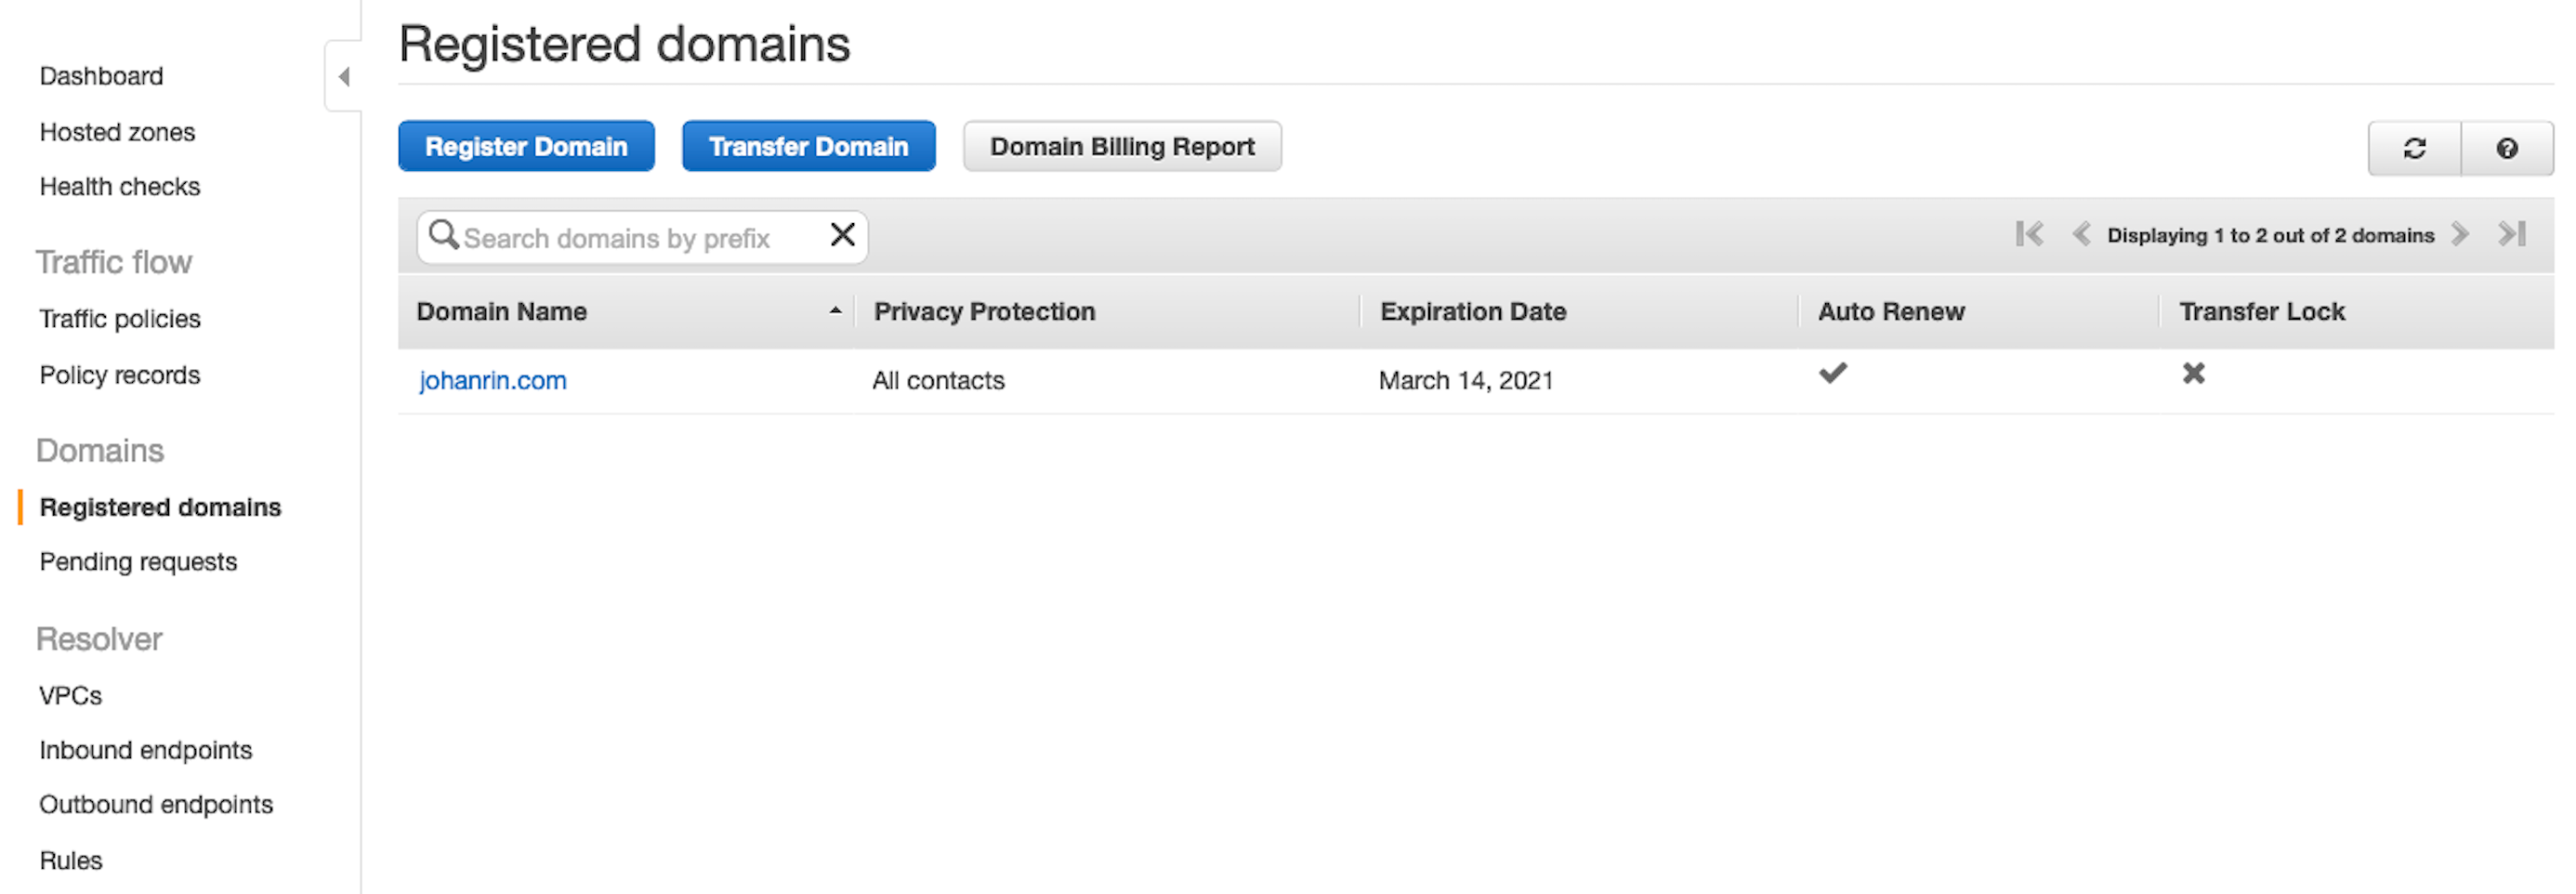 Registered domains